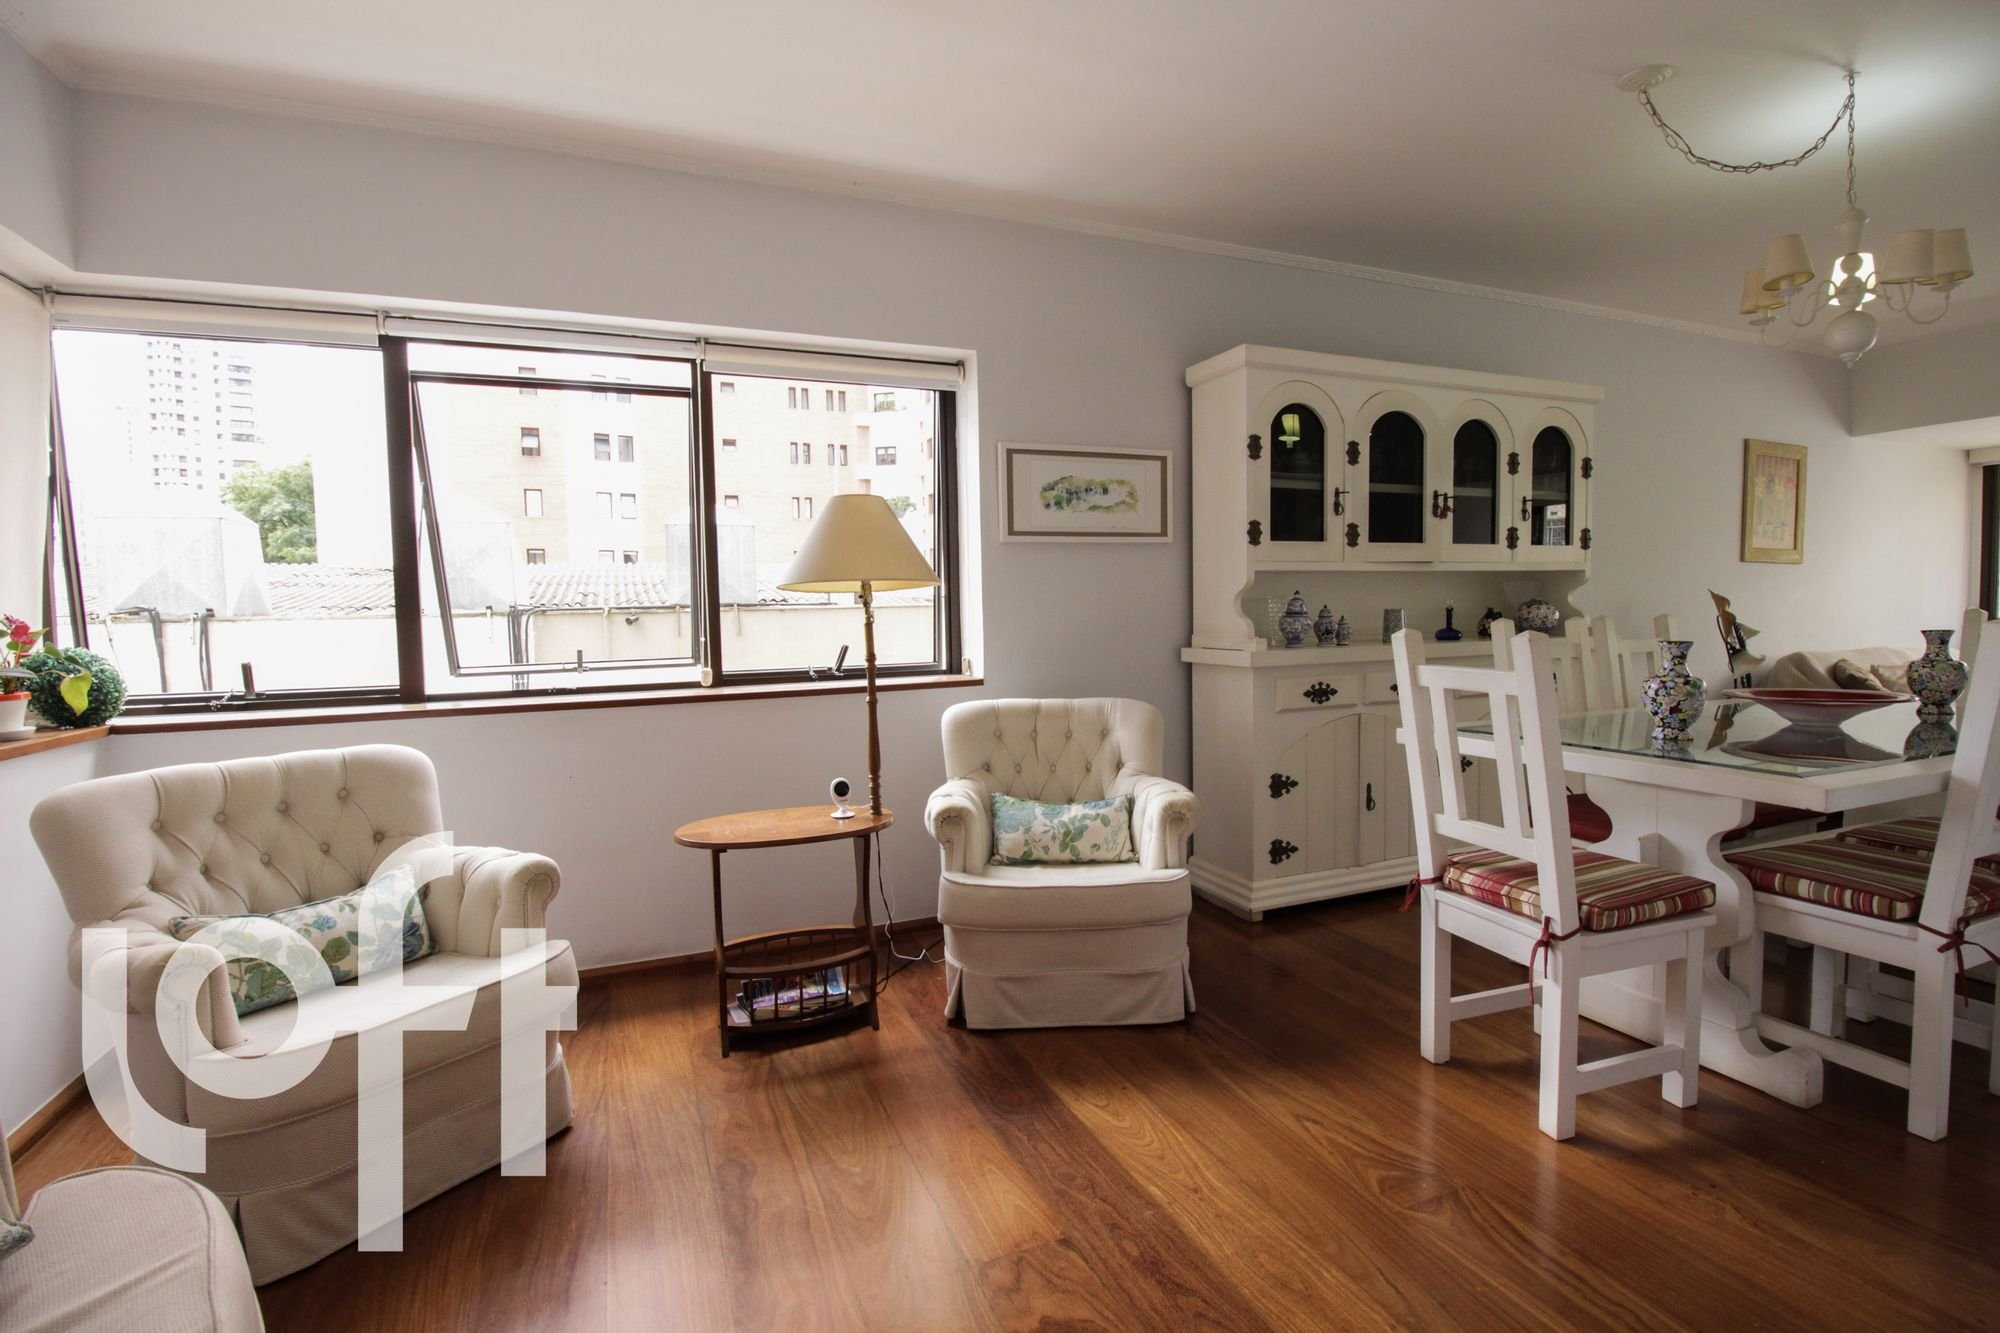 Foto de Sala com vaso de planta, sofá, cadeira